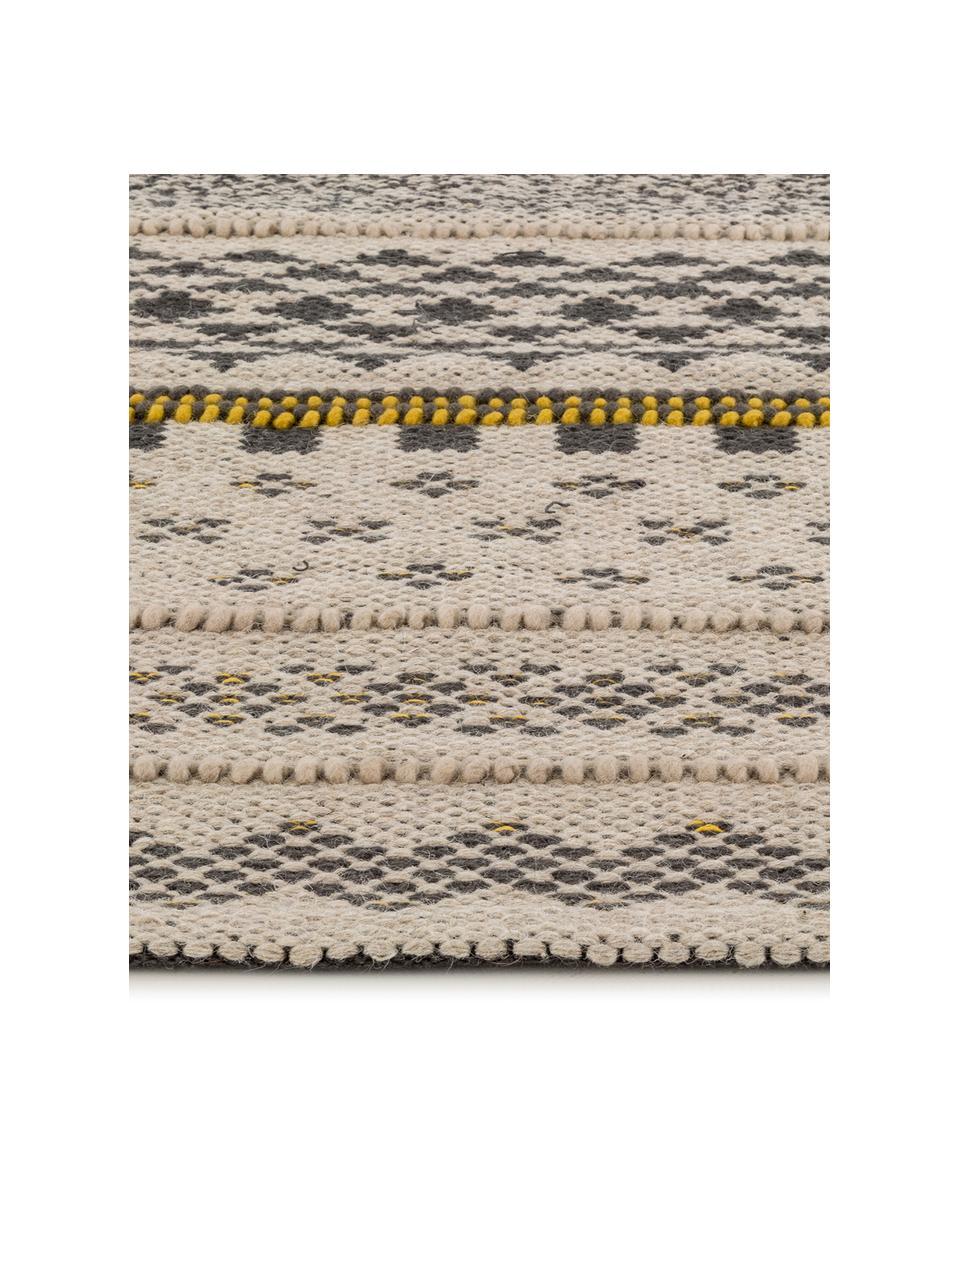 Wollen vloerkleed Nova in ethno stijl, 75% wol, 25% katoen Bij wollen vloerkleden kunnen vezels loskomen in de eerste weken van gebruik, dit neemt af door dagelijks gebruik en pluizen wordt verminderd., Grijs, mosterdgeel, beige, B 140 x L 200 cm (maat S)